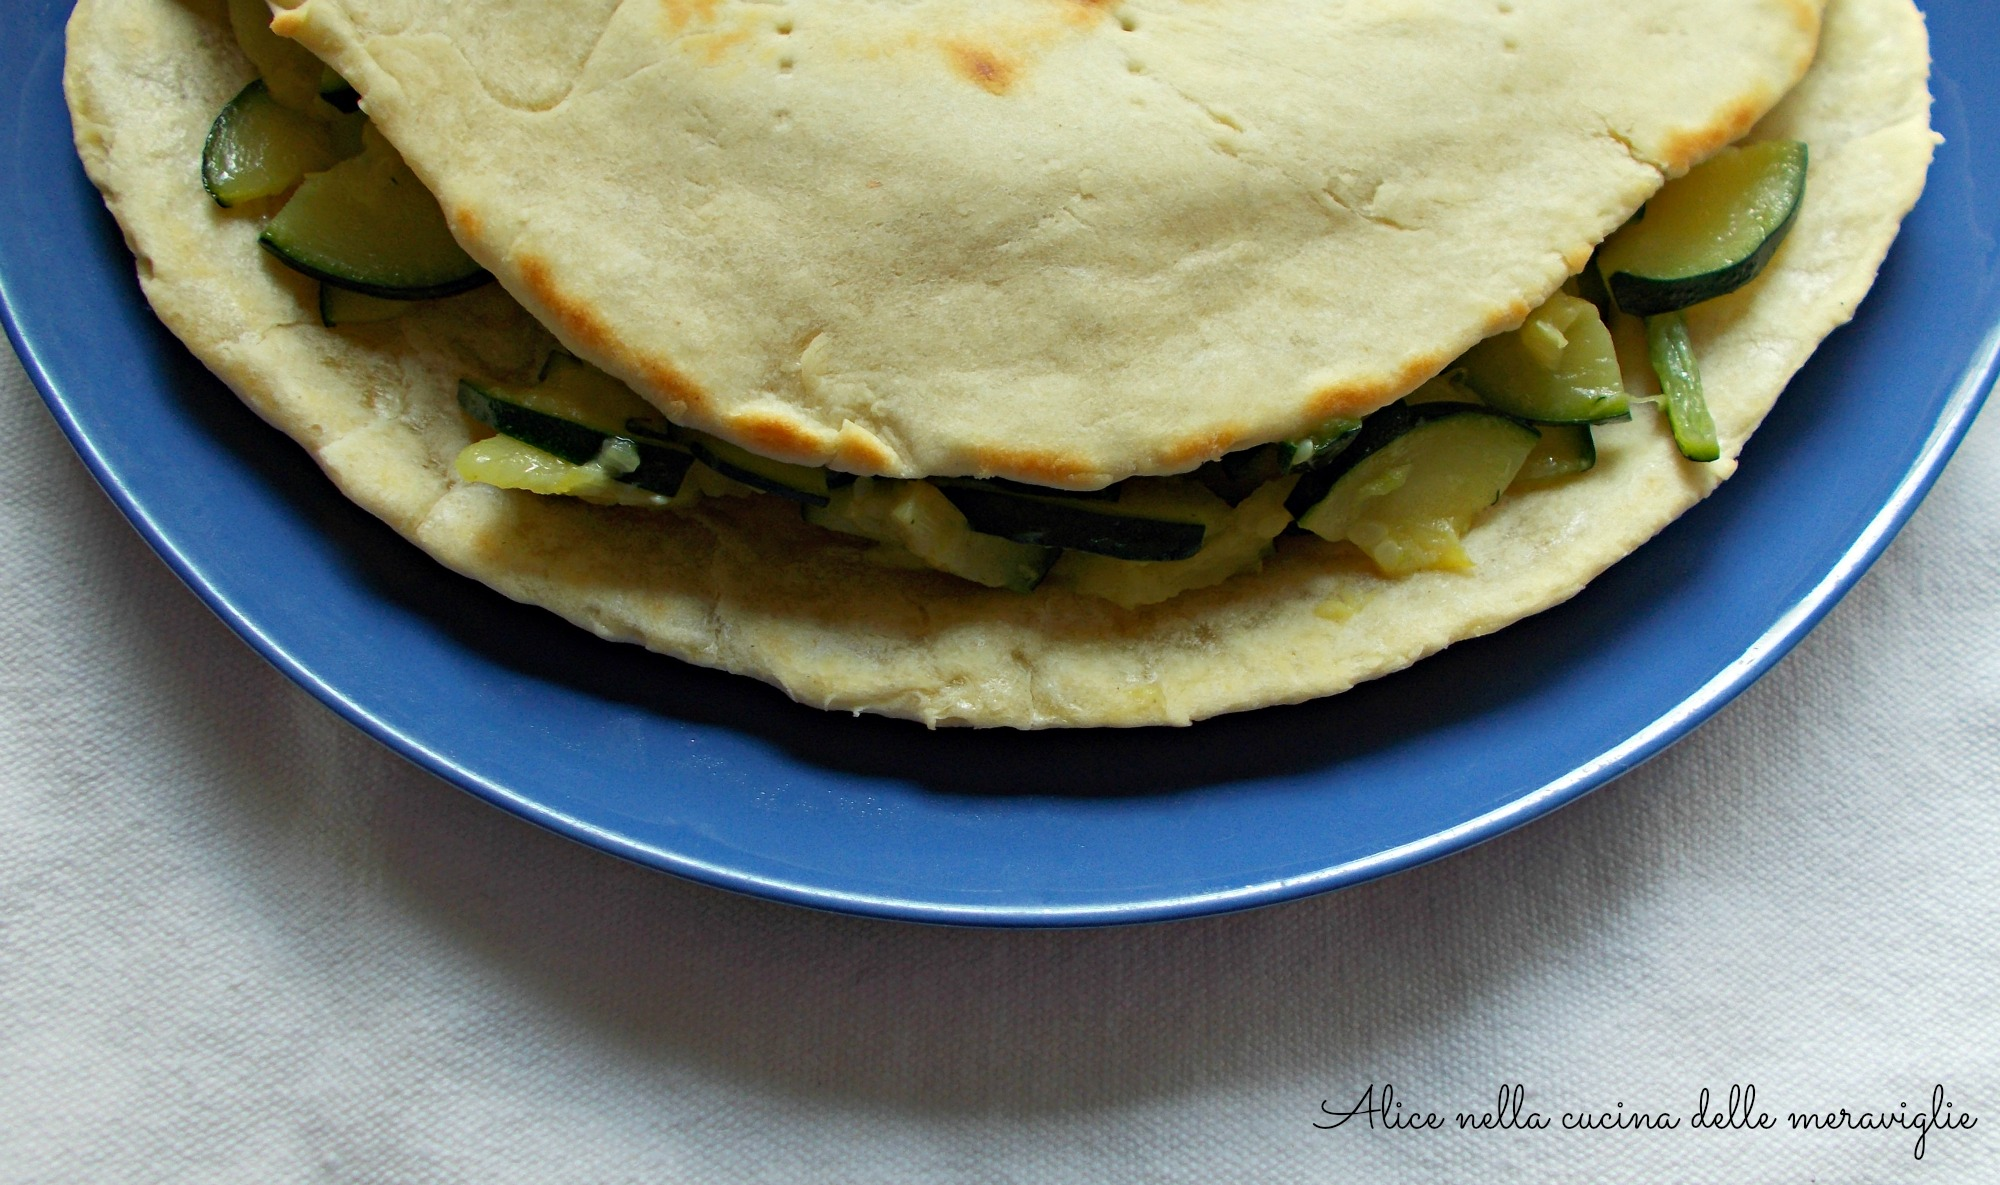 Piadina all'olio con zucchine Ricetta vegana Alice nella cucina delle meraviglie